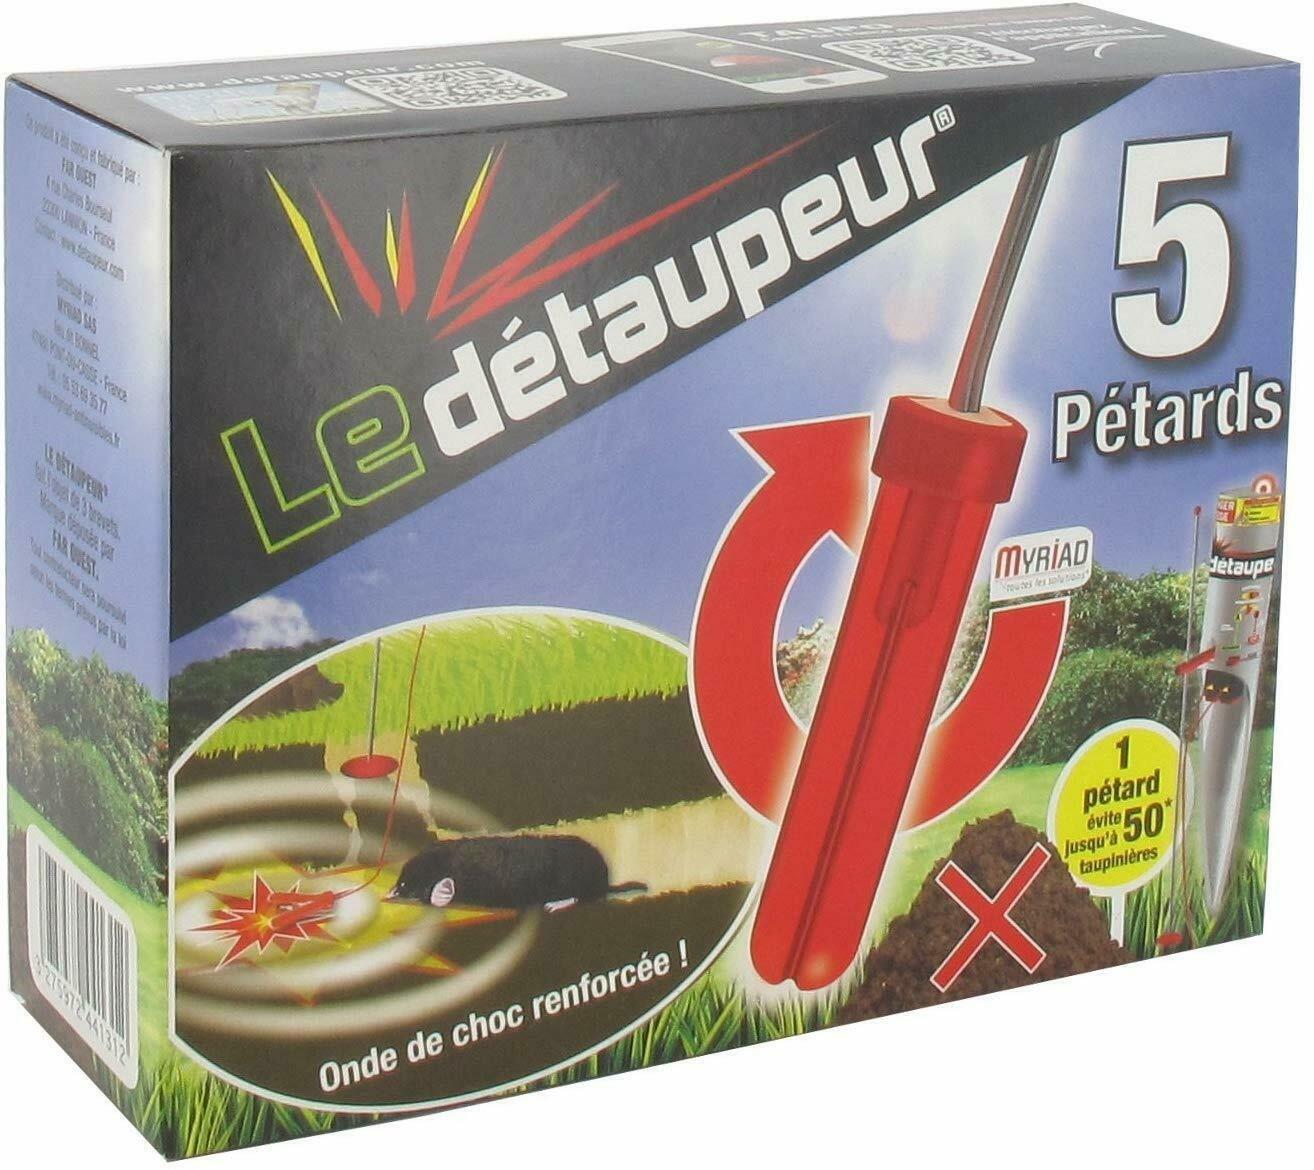 Details Sur Petard Anti Taupe Boite 5 Petards Detaupeur Piege Pour Terrier Rongeur Nuisible Petard Taupe Petard